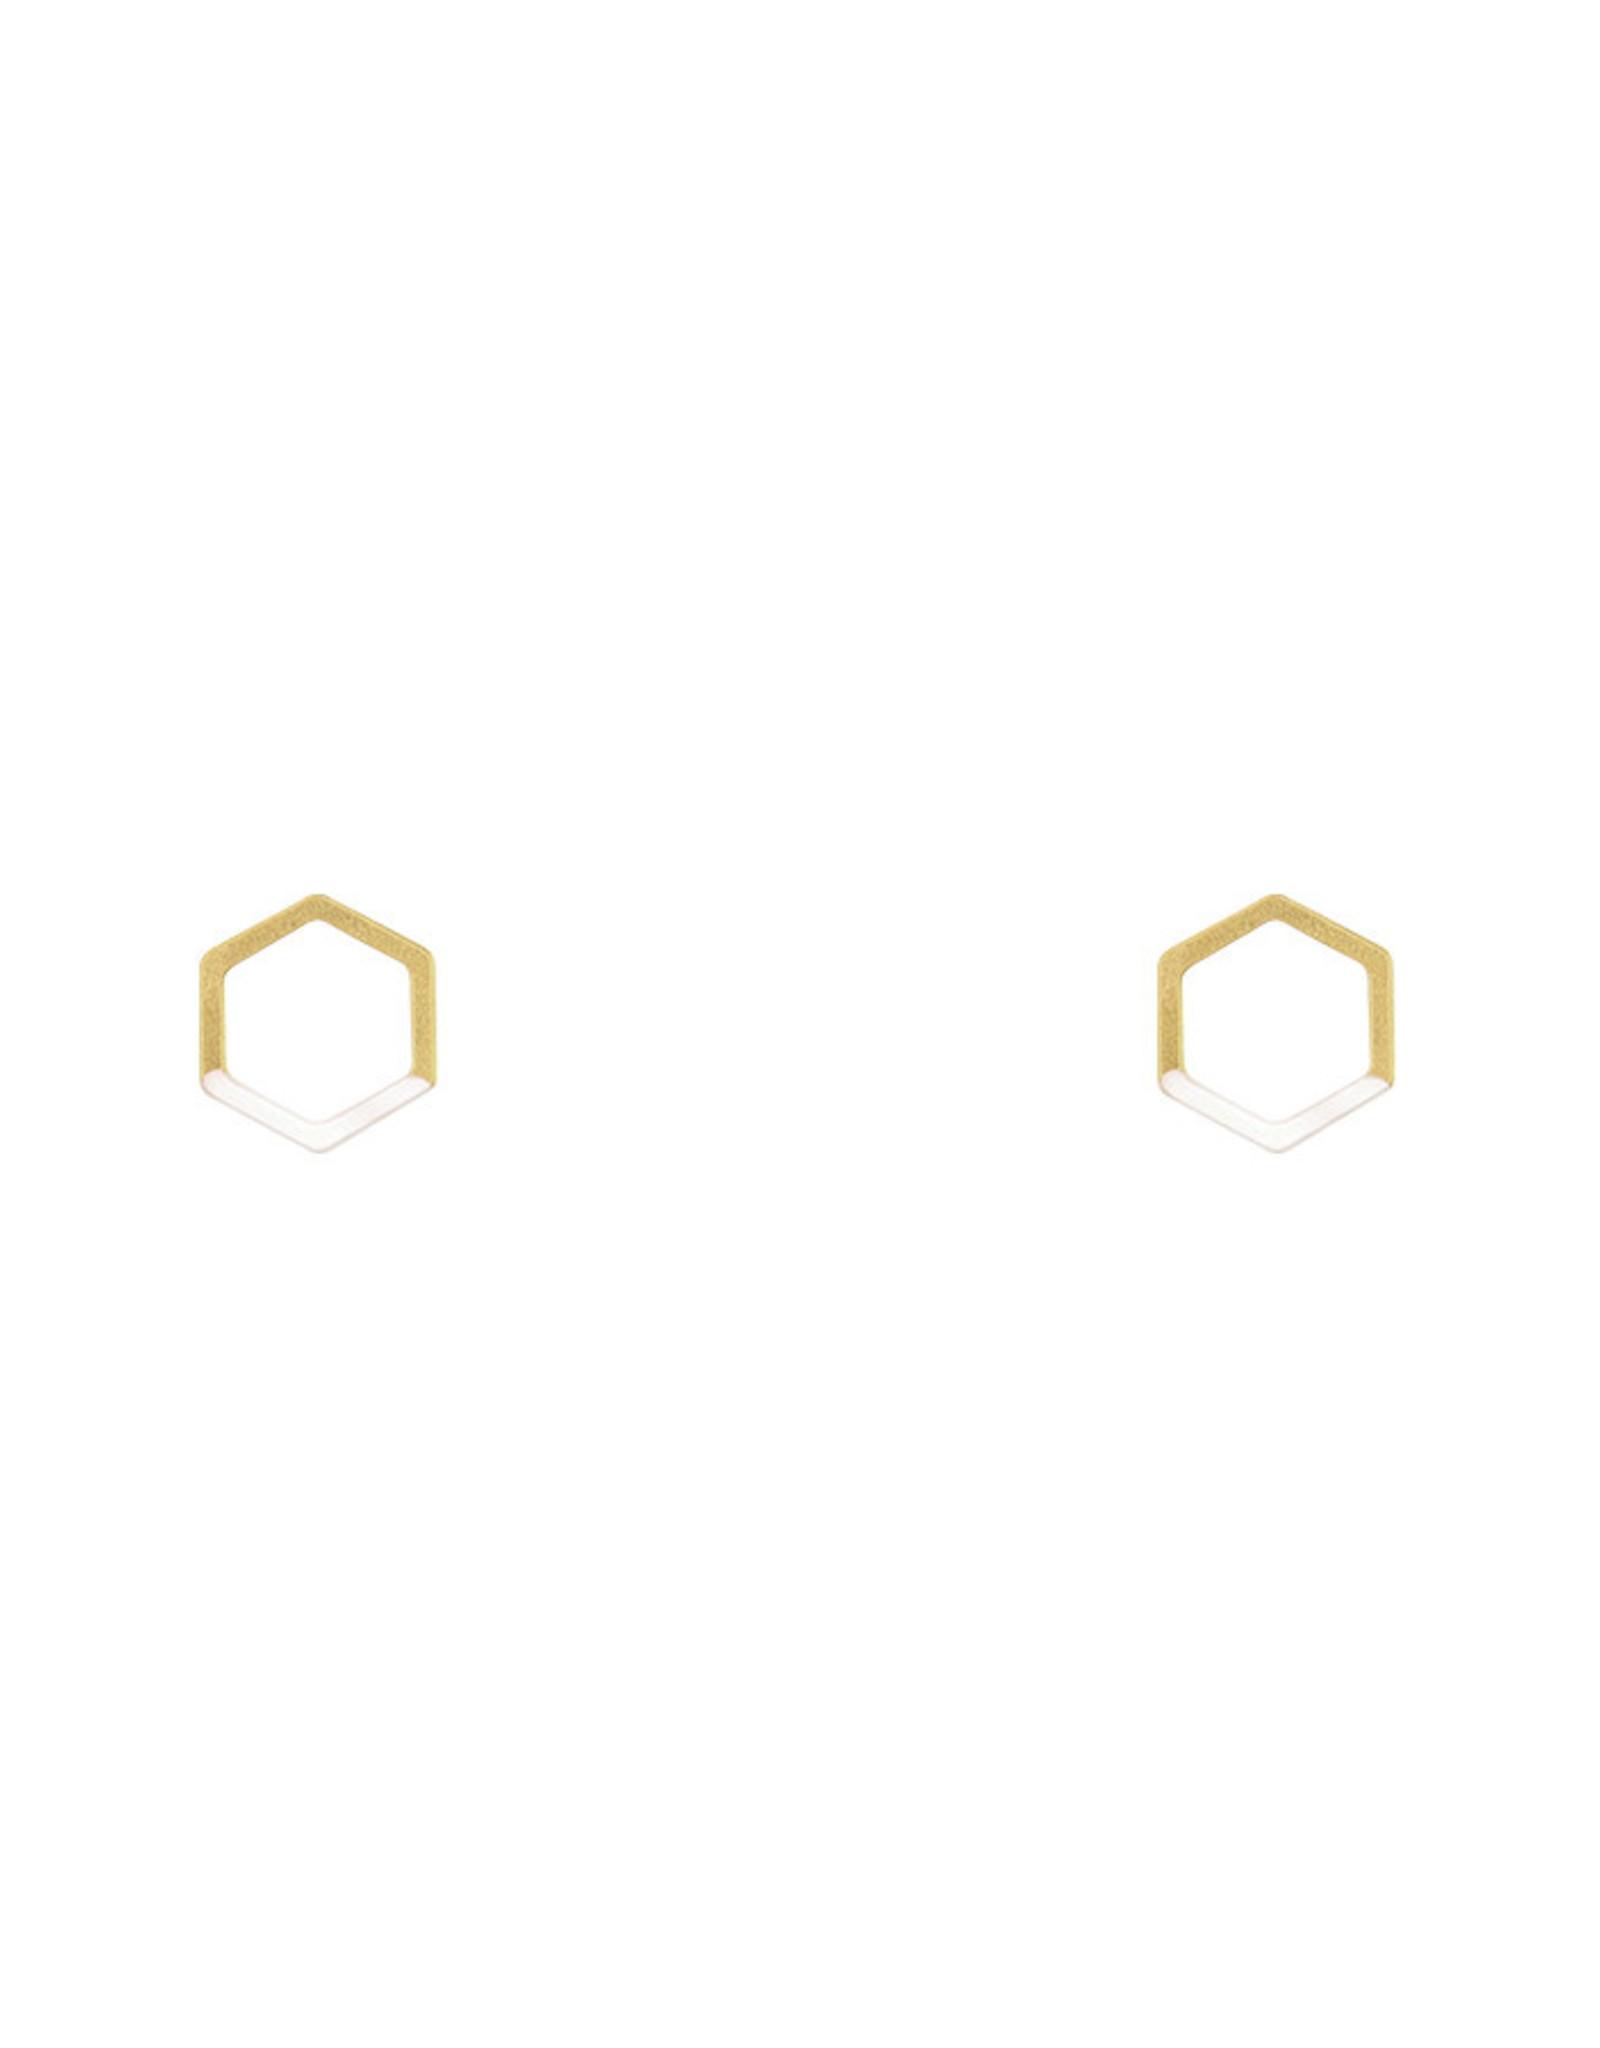 Lost & Faune Boucles d'oreilles - Hexagones colorés